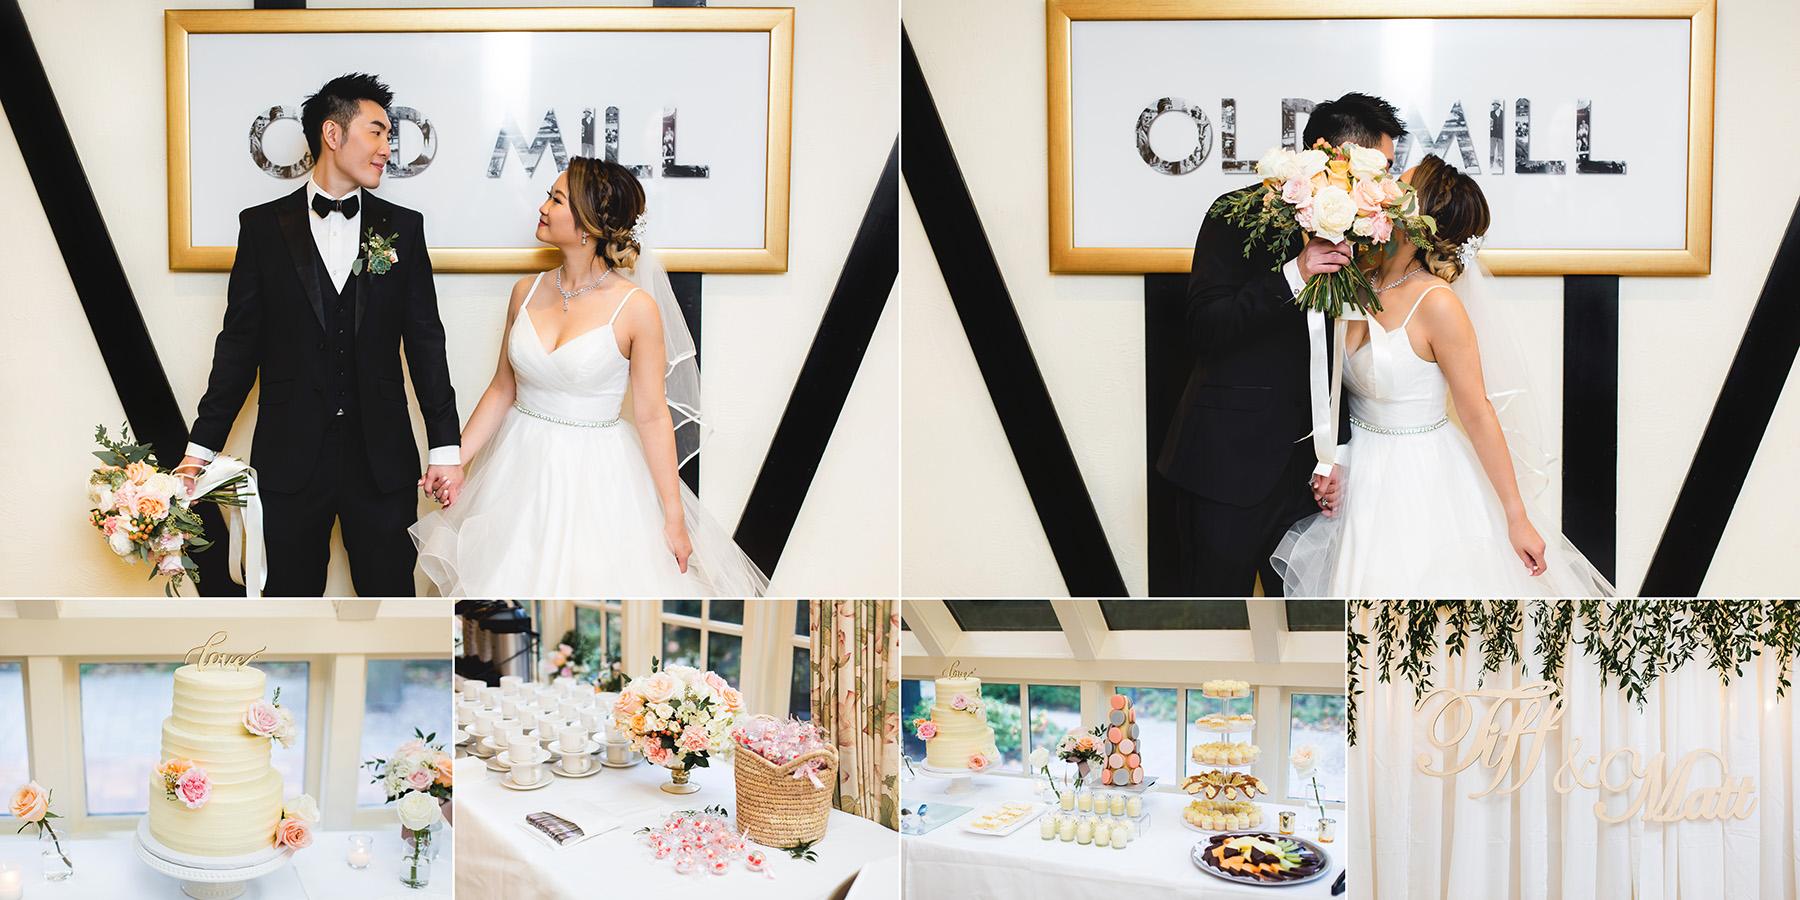 Tiffany_+_Matthew_-_Wedding_Album_12.jpg